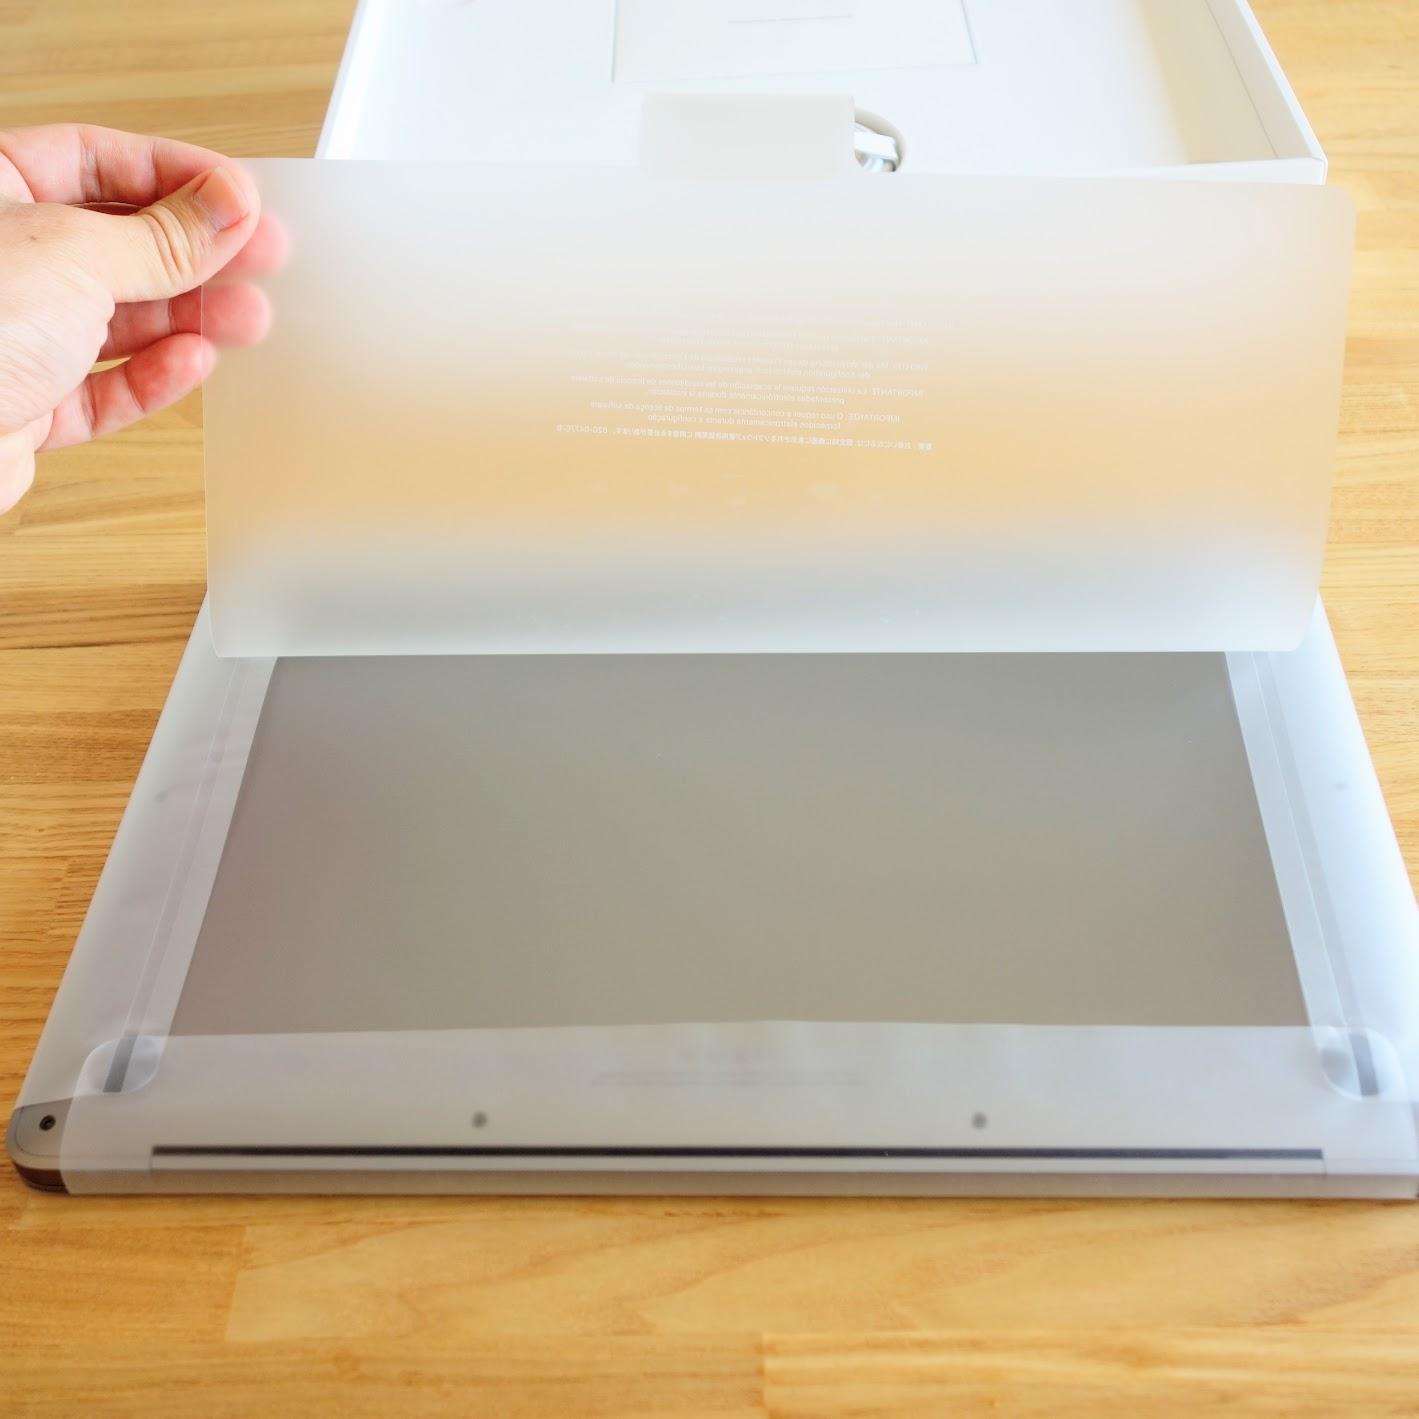 MacBook Air保護フィルム